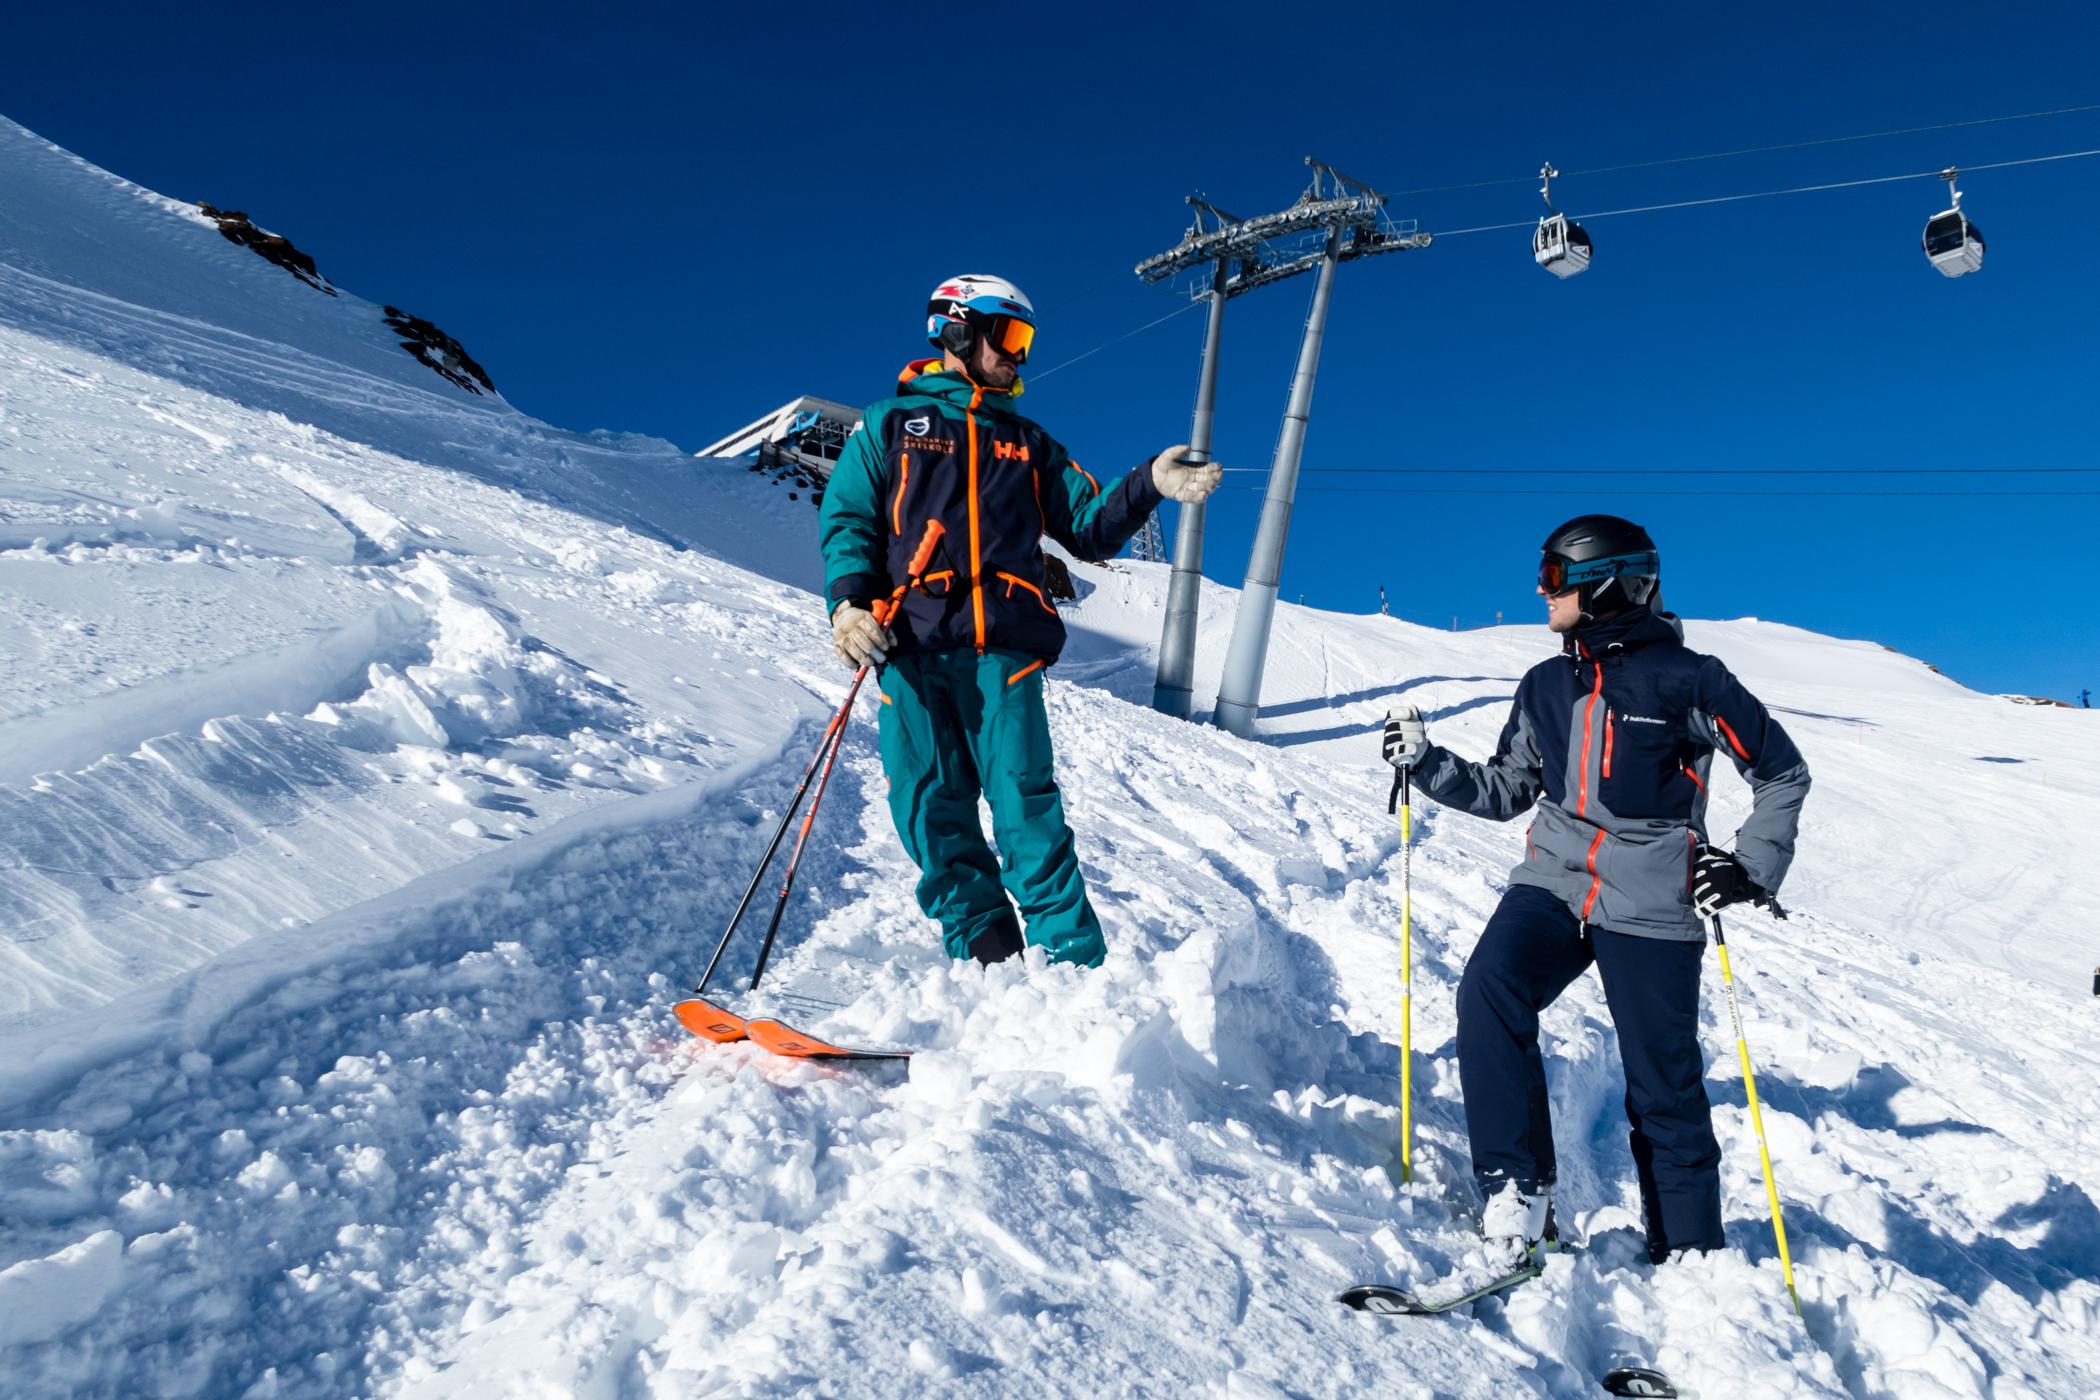 Den Danske Skiskoles bedste skilærere underviser både formiddag og eftermidag // Foto: Troels Kjems